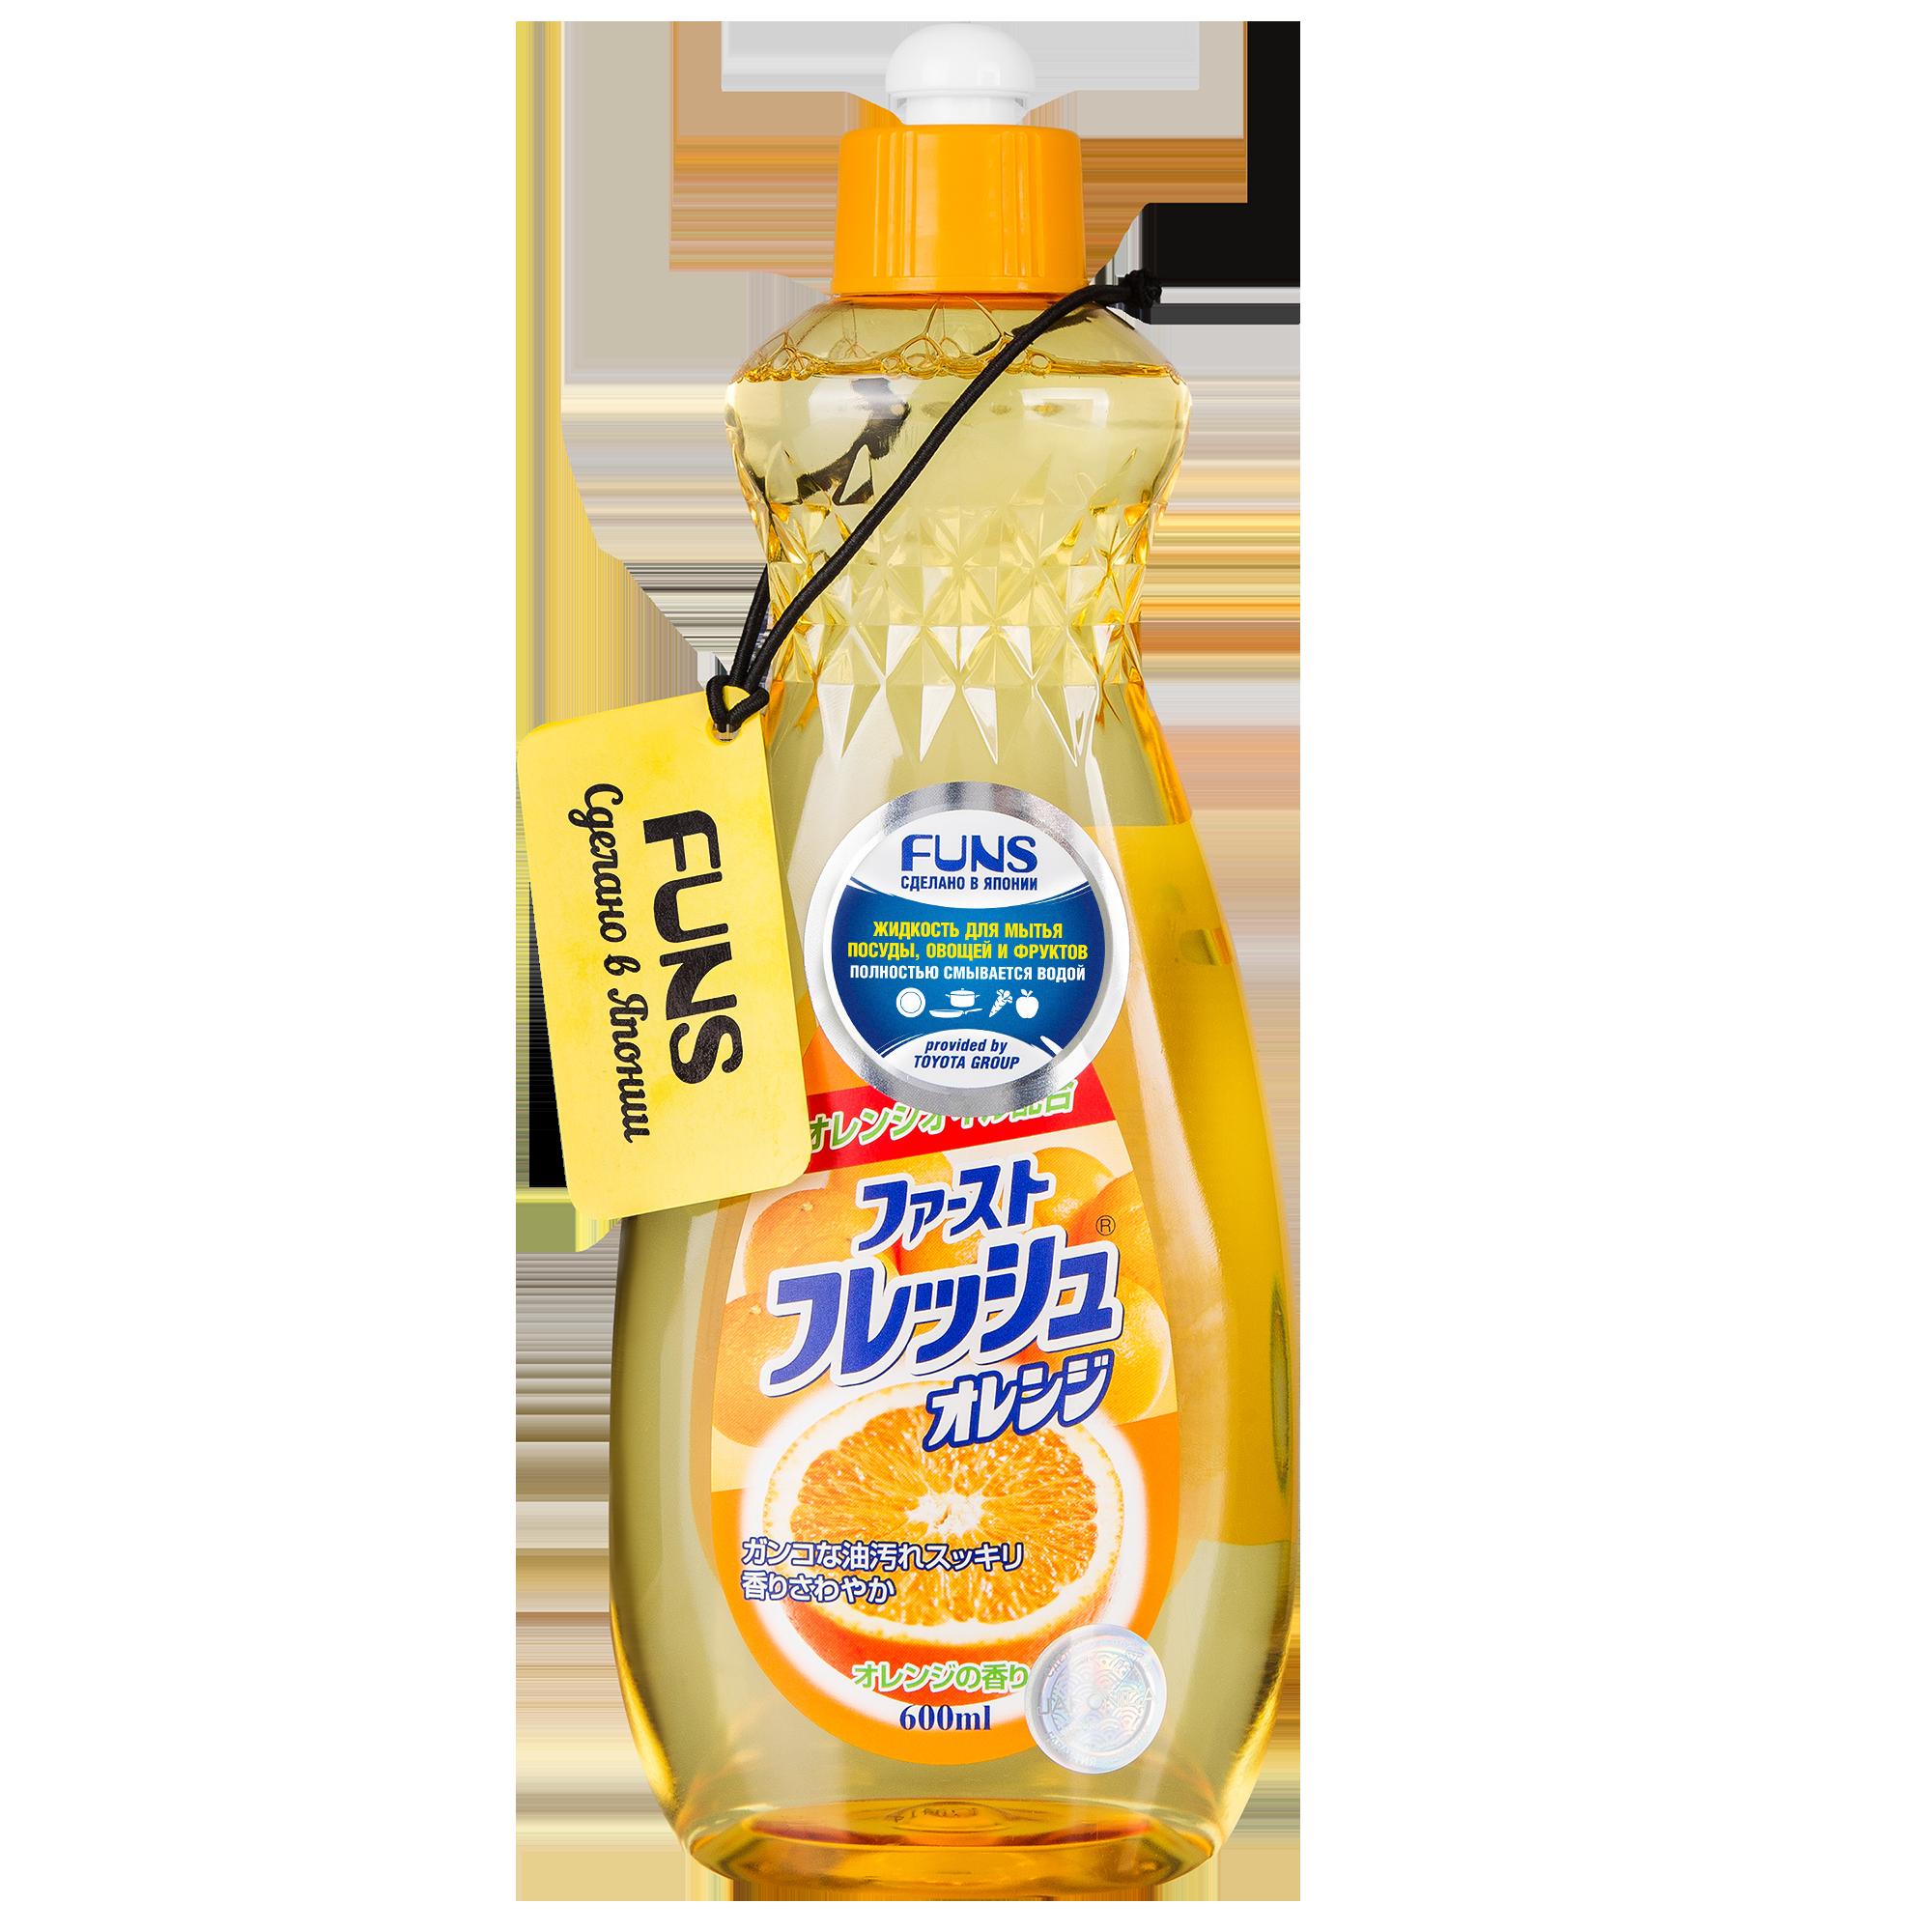 Жидкость для мытья посуды овощей и фруктов свежий апельсин, FUNS, 600 мл фото